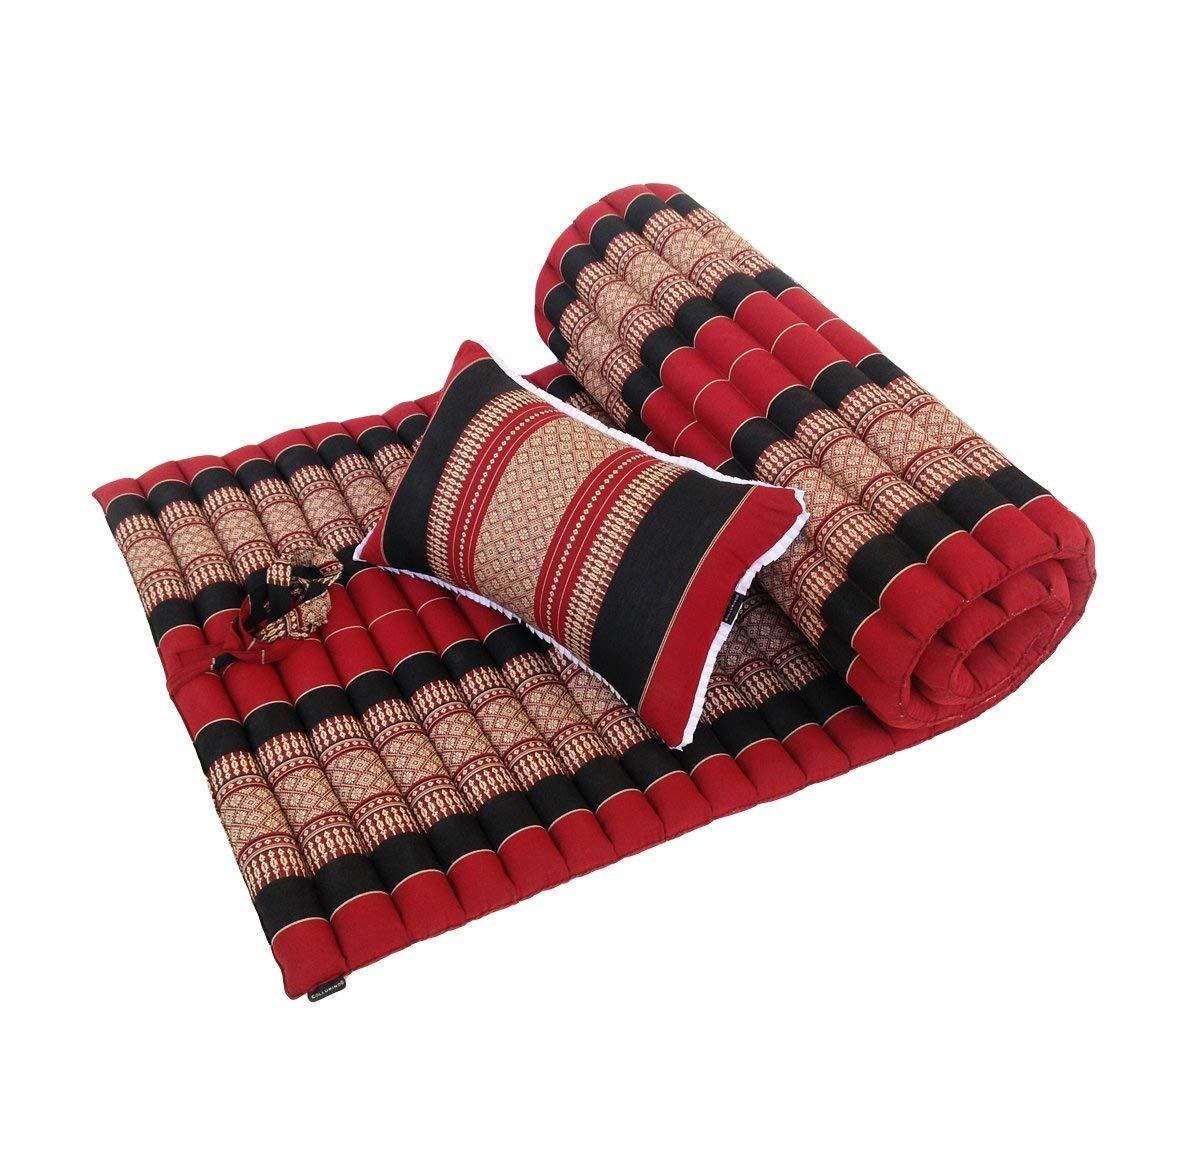 Matelas de m/éditation traditionnel tha/ï kapok /à enrouler avec support assorti doreiller de massage pour le yoga ou relaxation